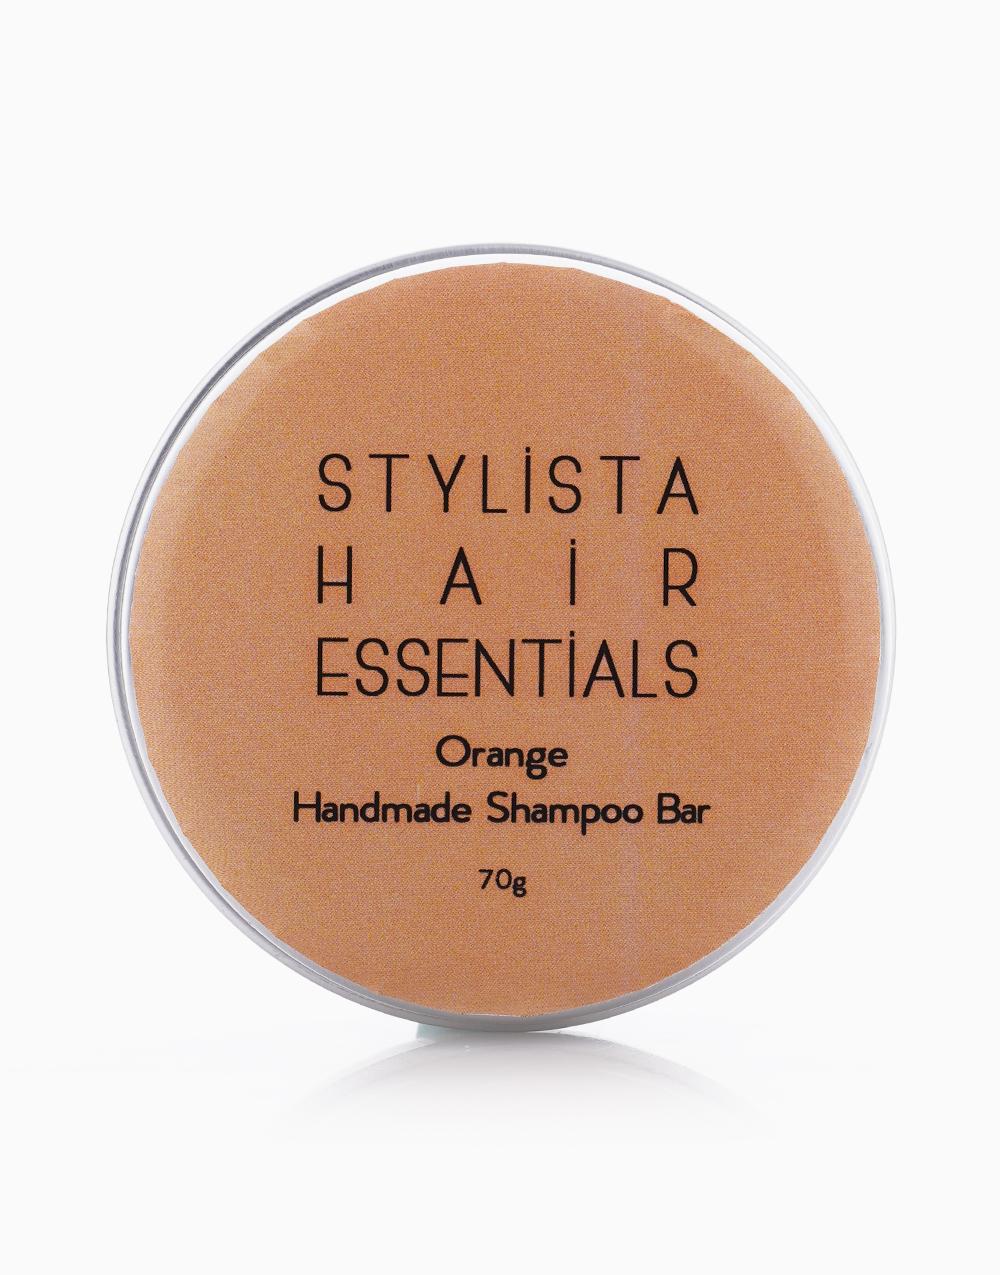 Handmade Natural Shampoo Bar in Orange by Stylista Hair Essentials